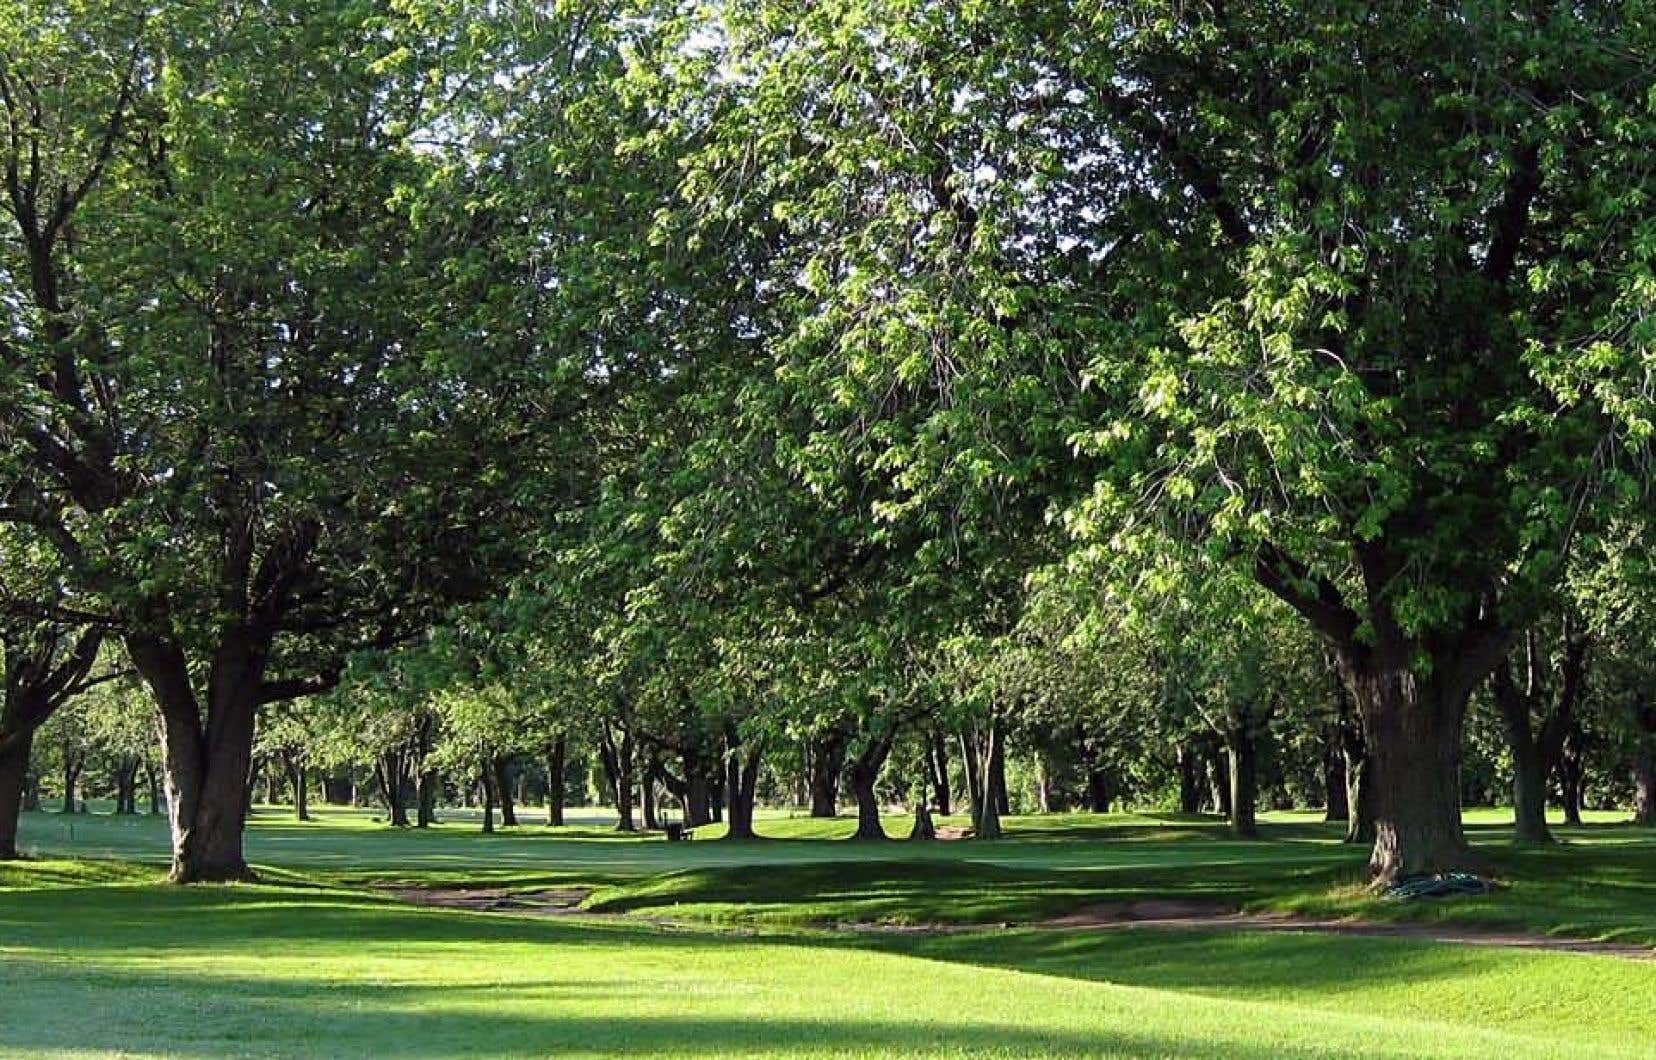 Le terrain du golf Meadowbrook chevauche l'arrondissement de Lachine et la ville de Côte-Saint-Luc.